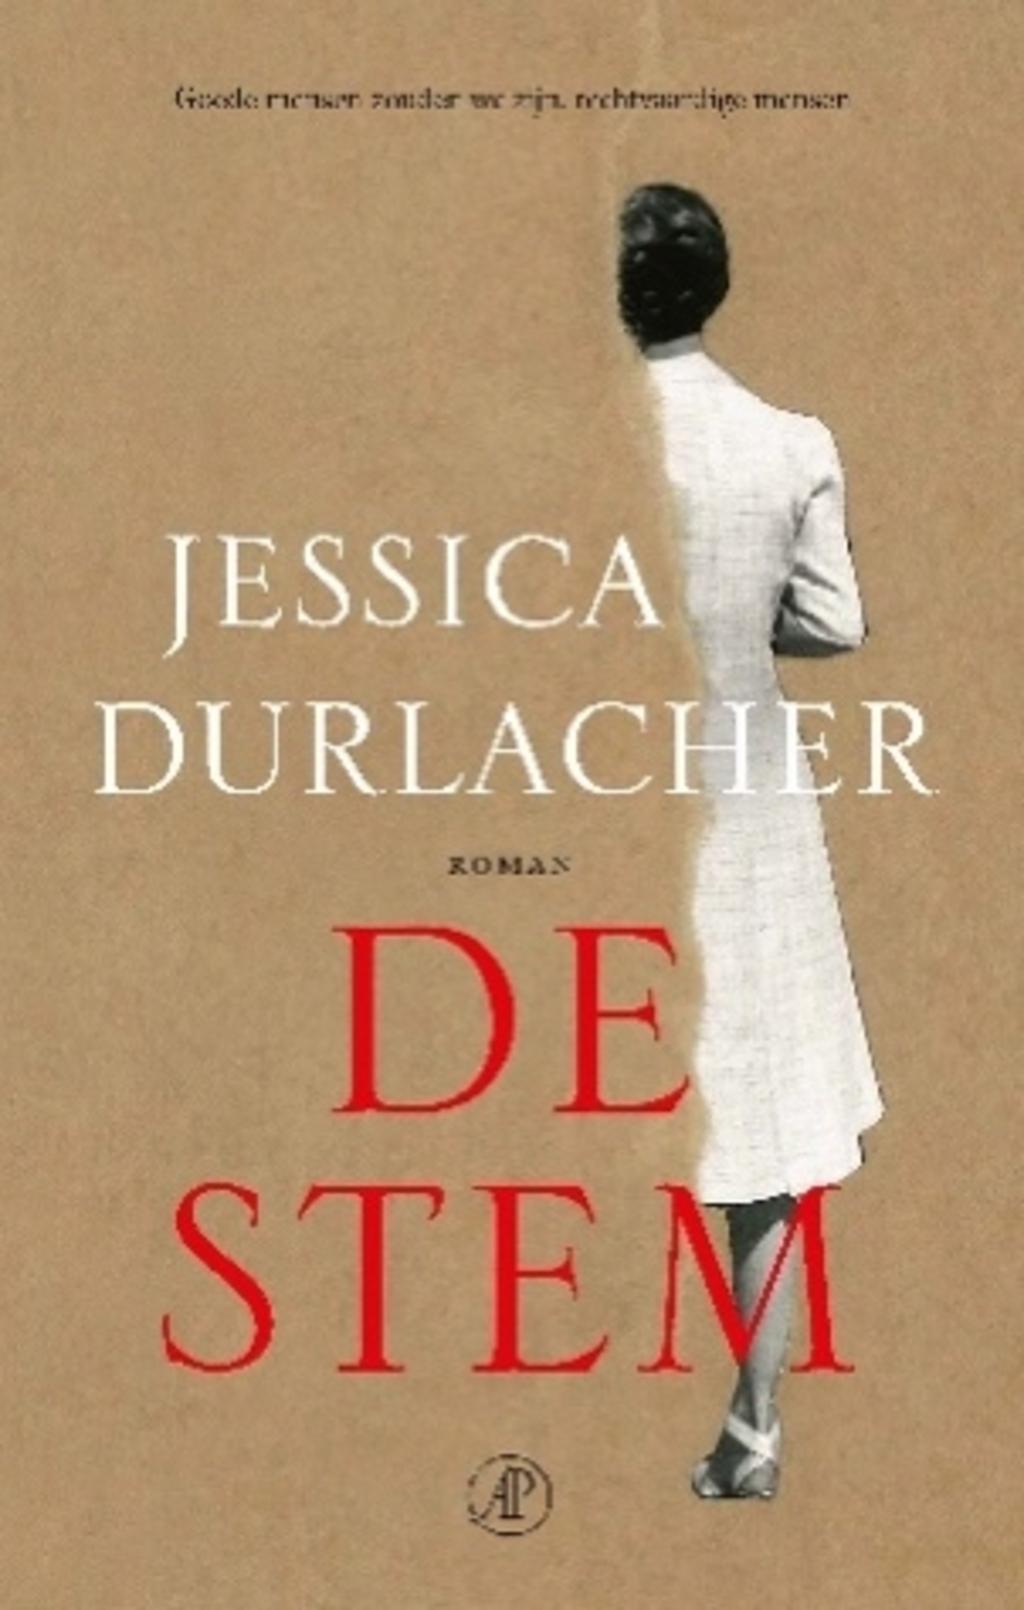 PR Jessica Durlacher © BDU media